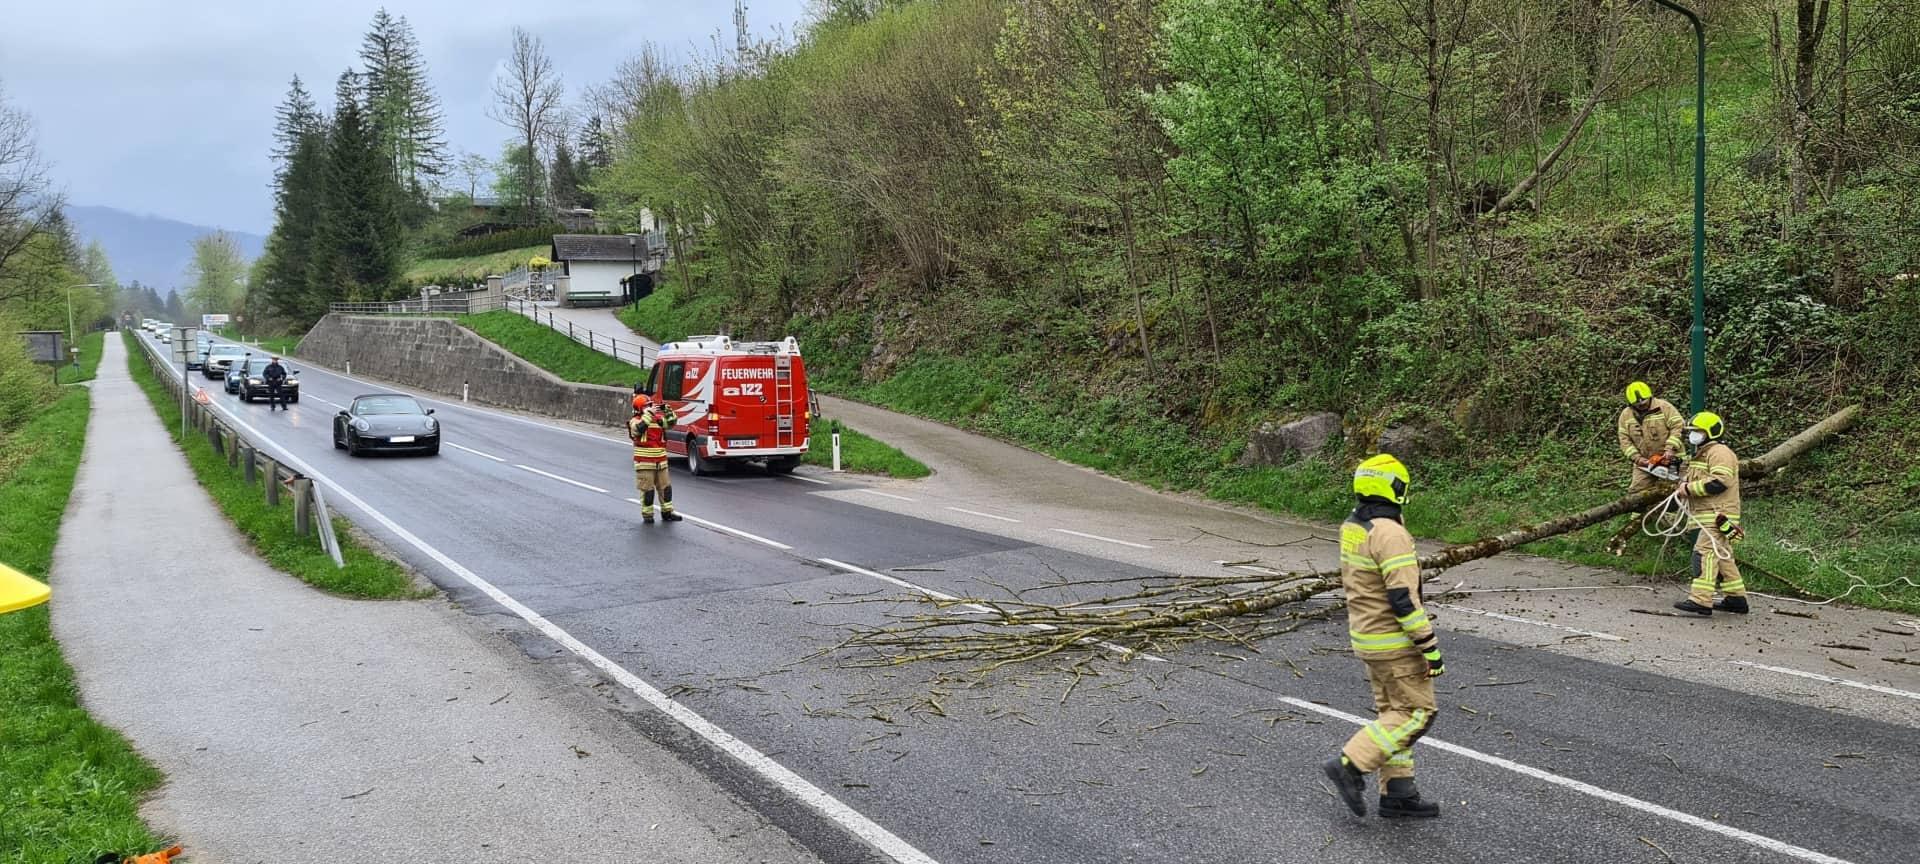 Baum drohte auf B145 zu stürzen